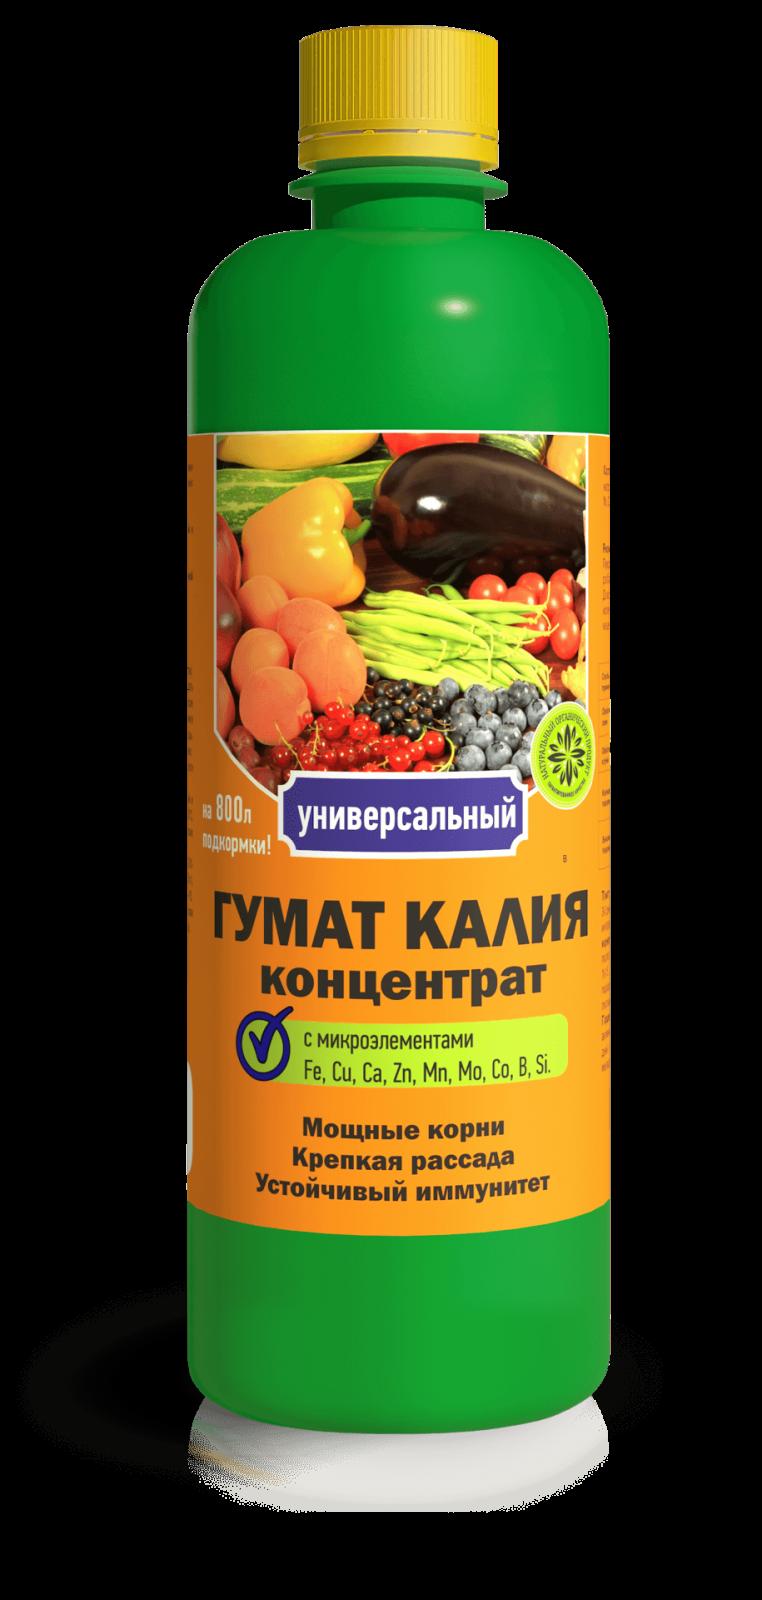 Какие бывают фосфорные удобрения – виды, названия, особенности применения   дела огородные (огород.ru)